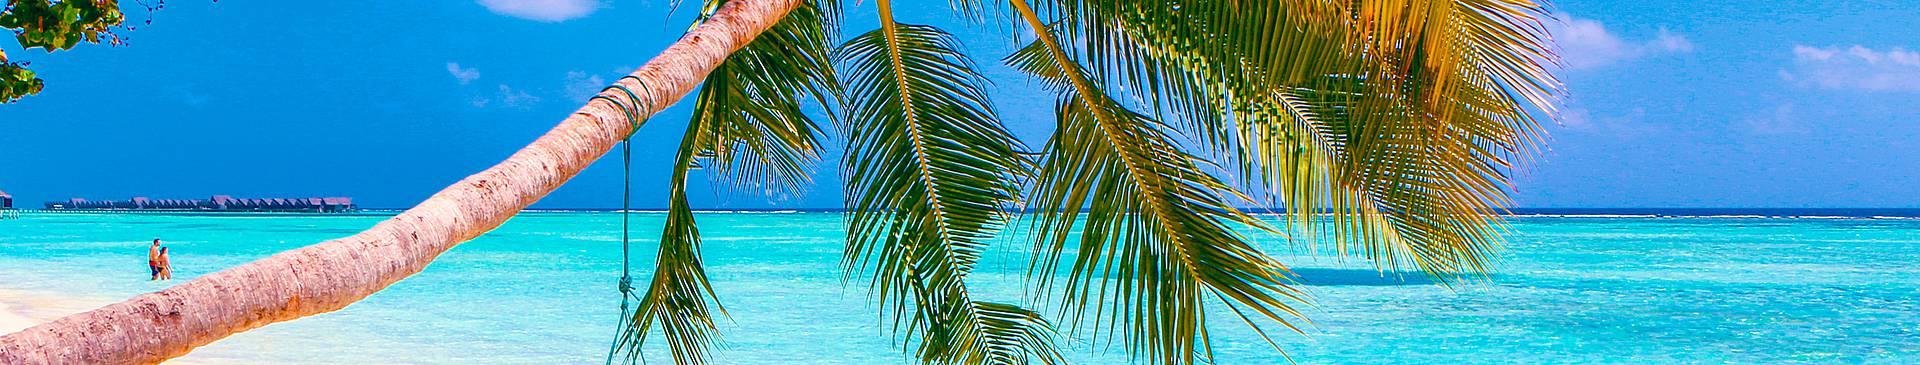 Voyage plage aux Maldives